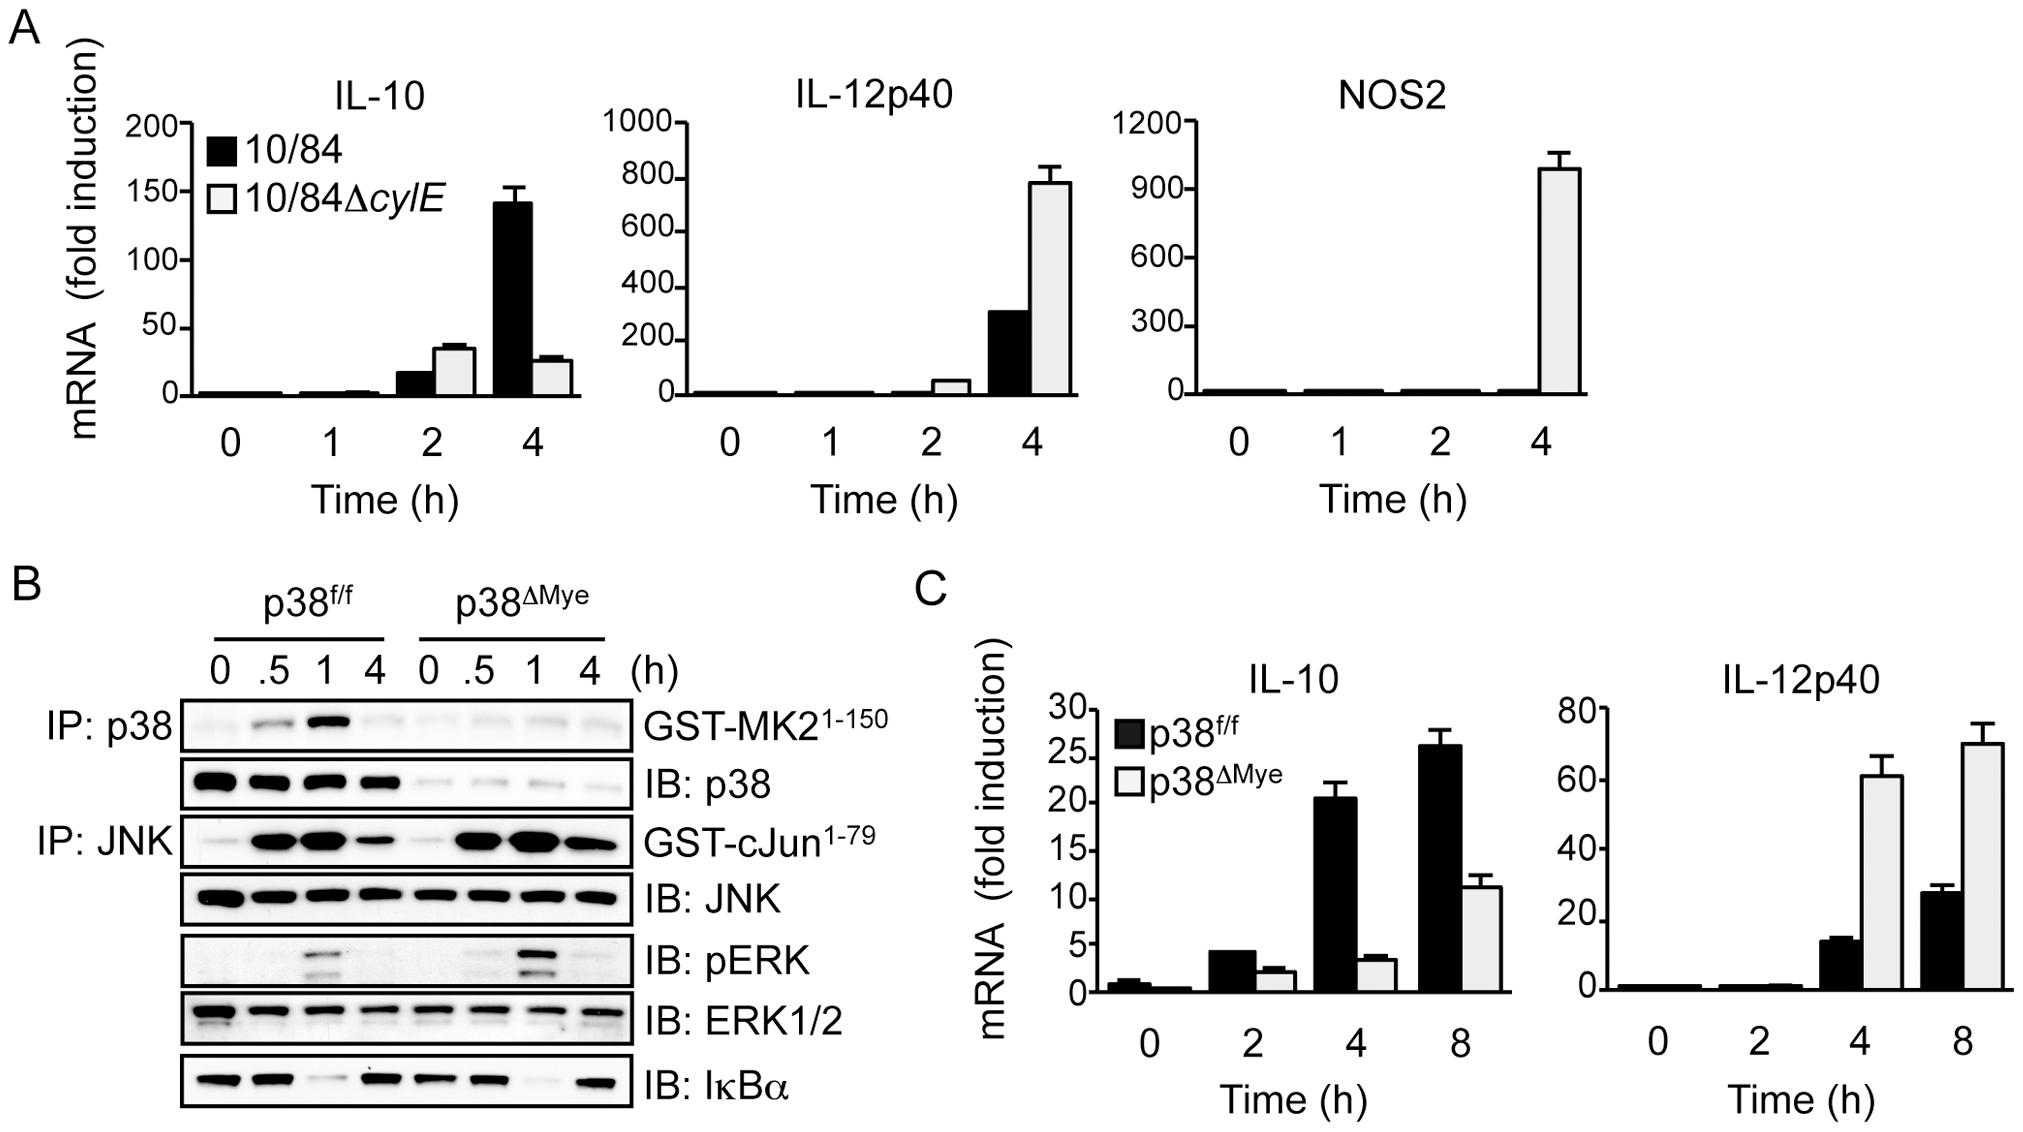 βh/c drives p38-dependent IL-10 expression in GBS-infected macrophages.